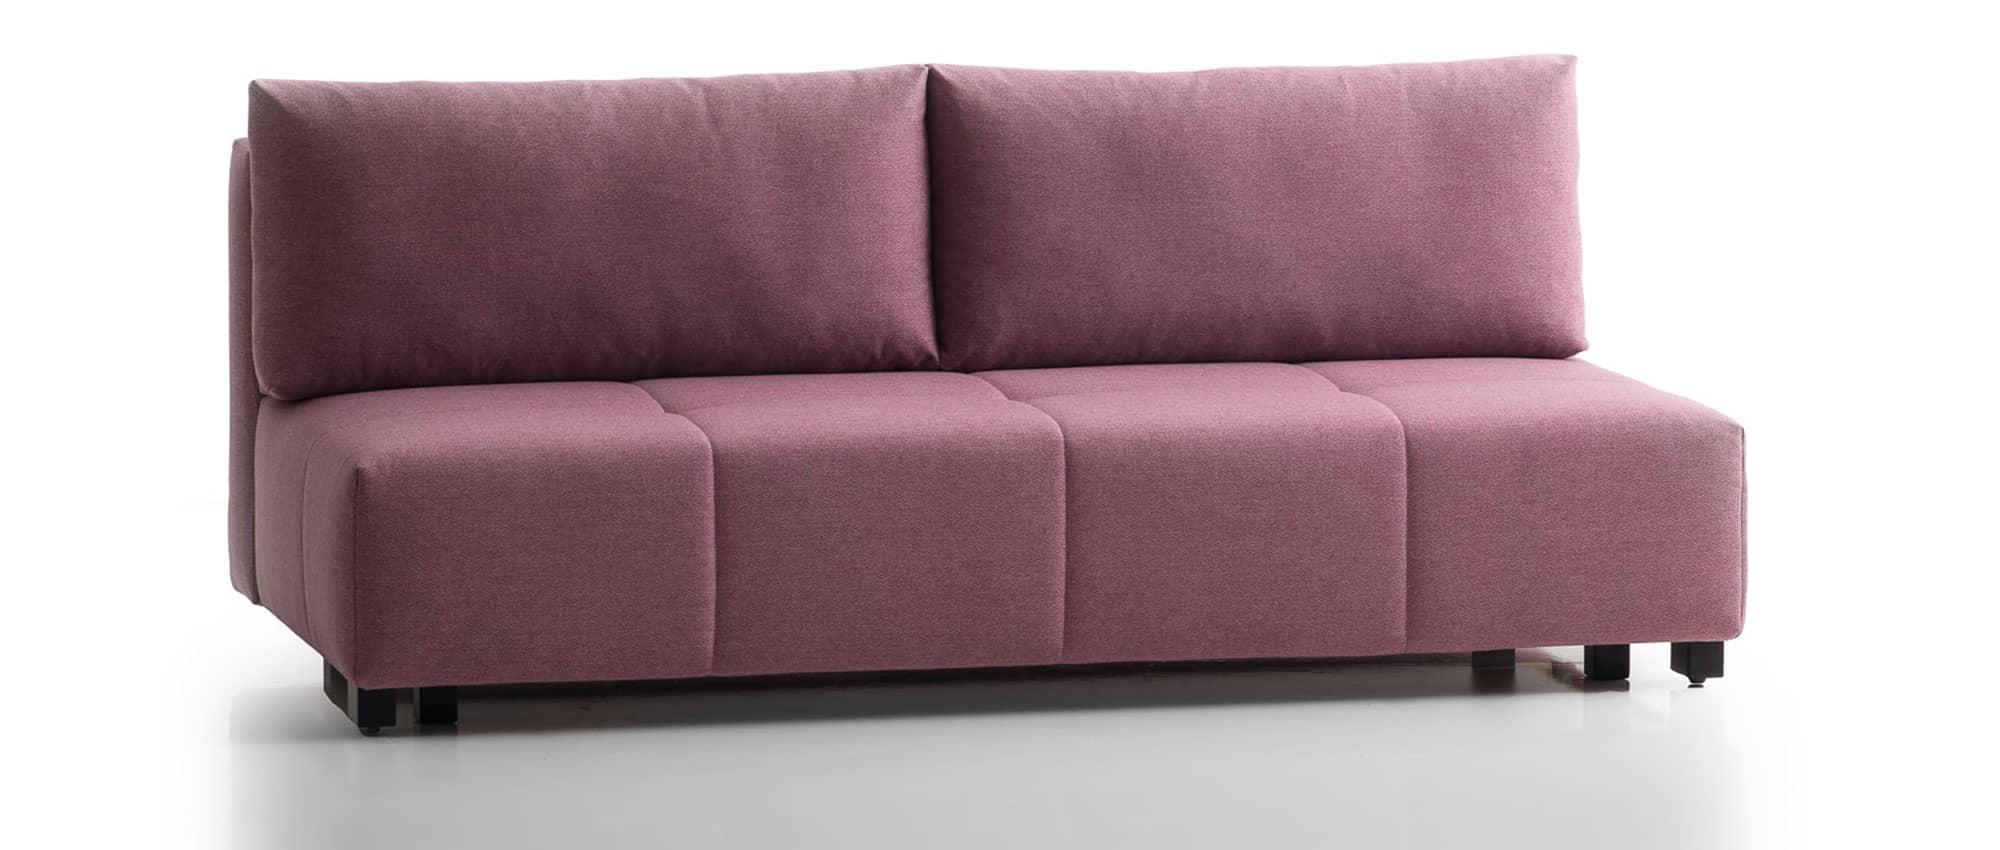 COSTA Schlafsofa mit Bettkasten von Franz Fertig in rosa. Gästebett für 2 Personen. Sofabett mit Bettkasten. Sofa mit Bettkasten